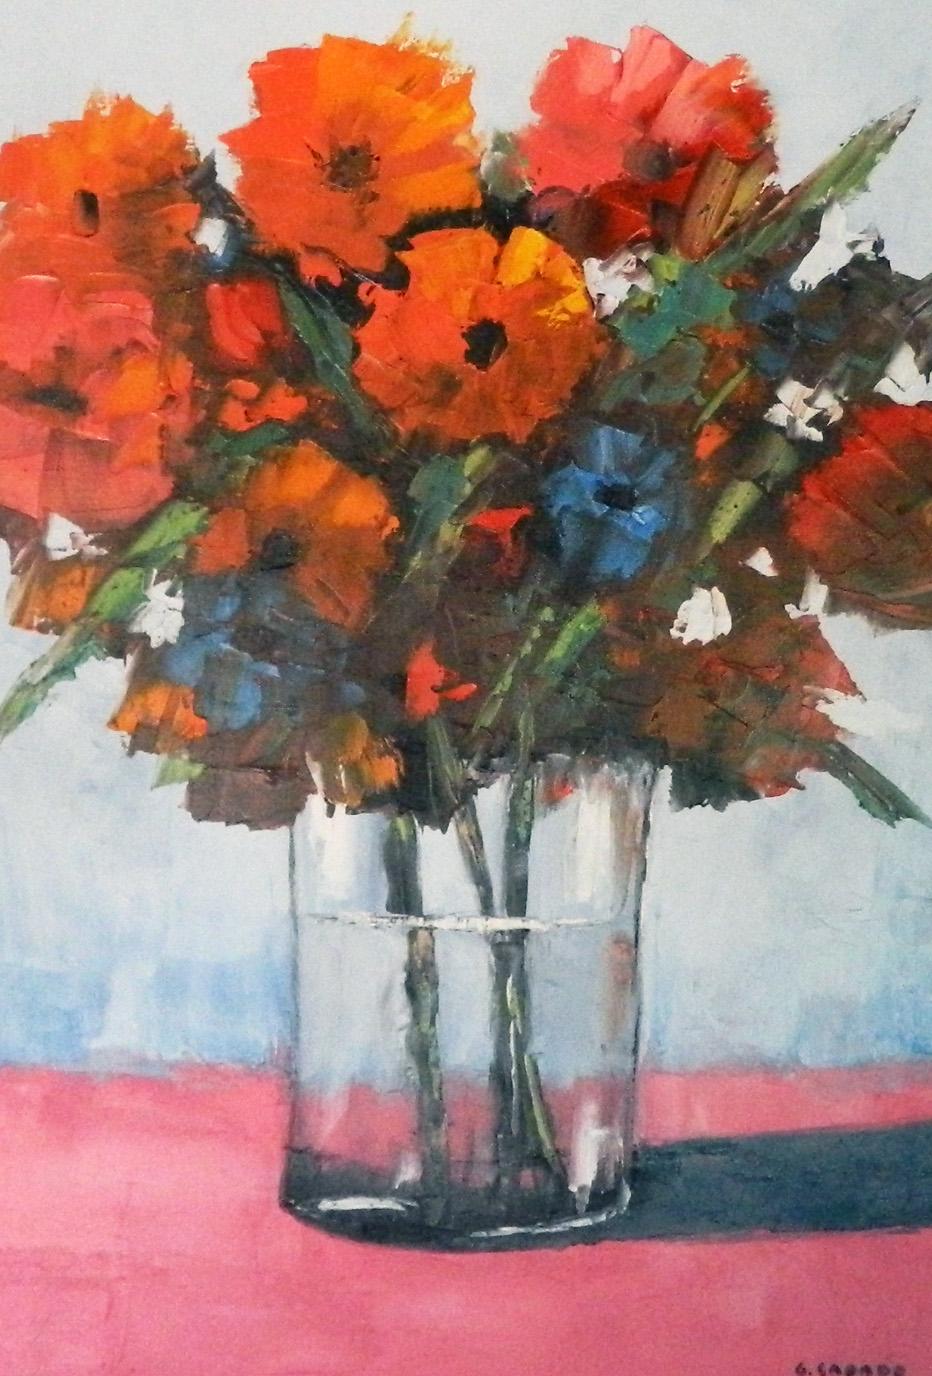 flores-06-050-x-070